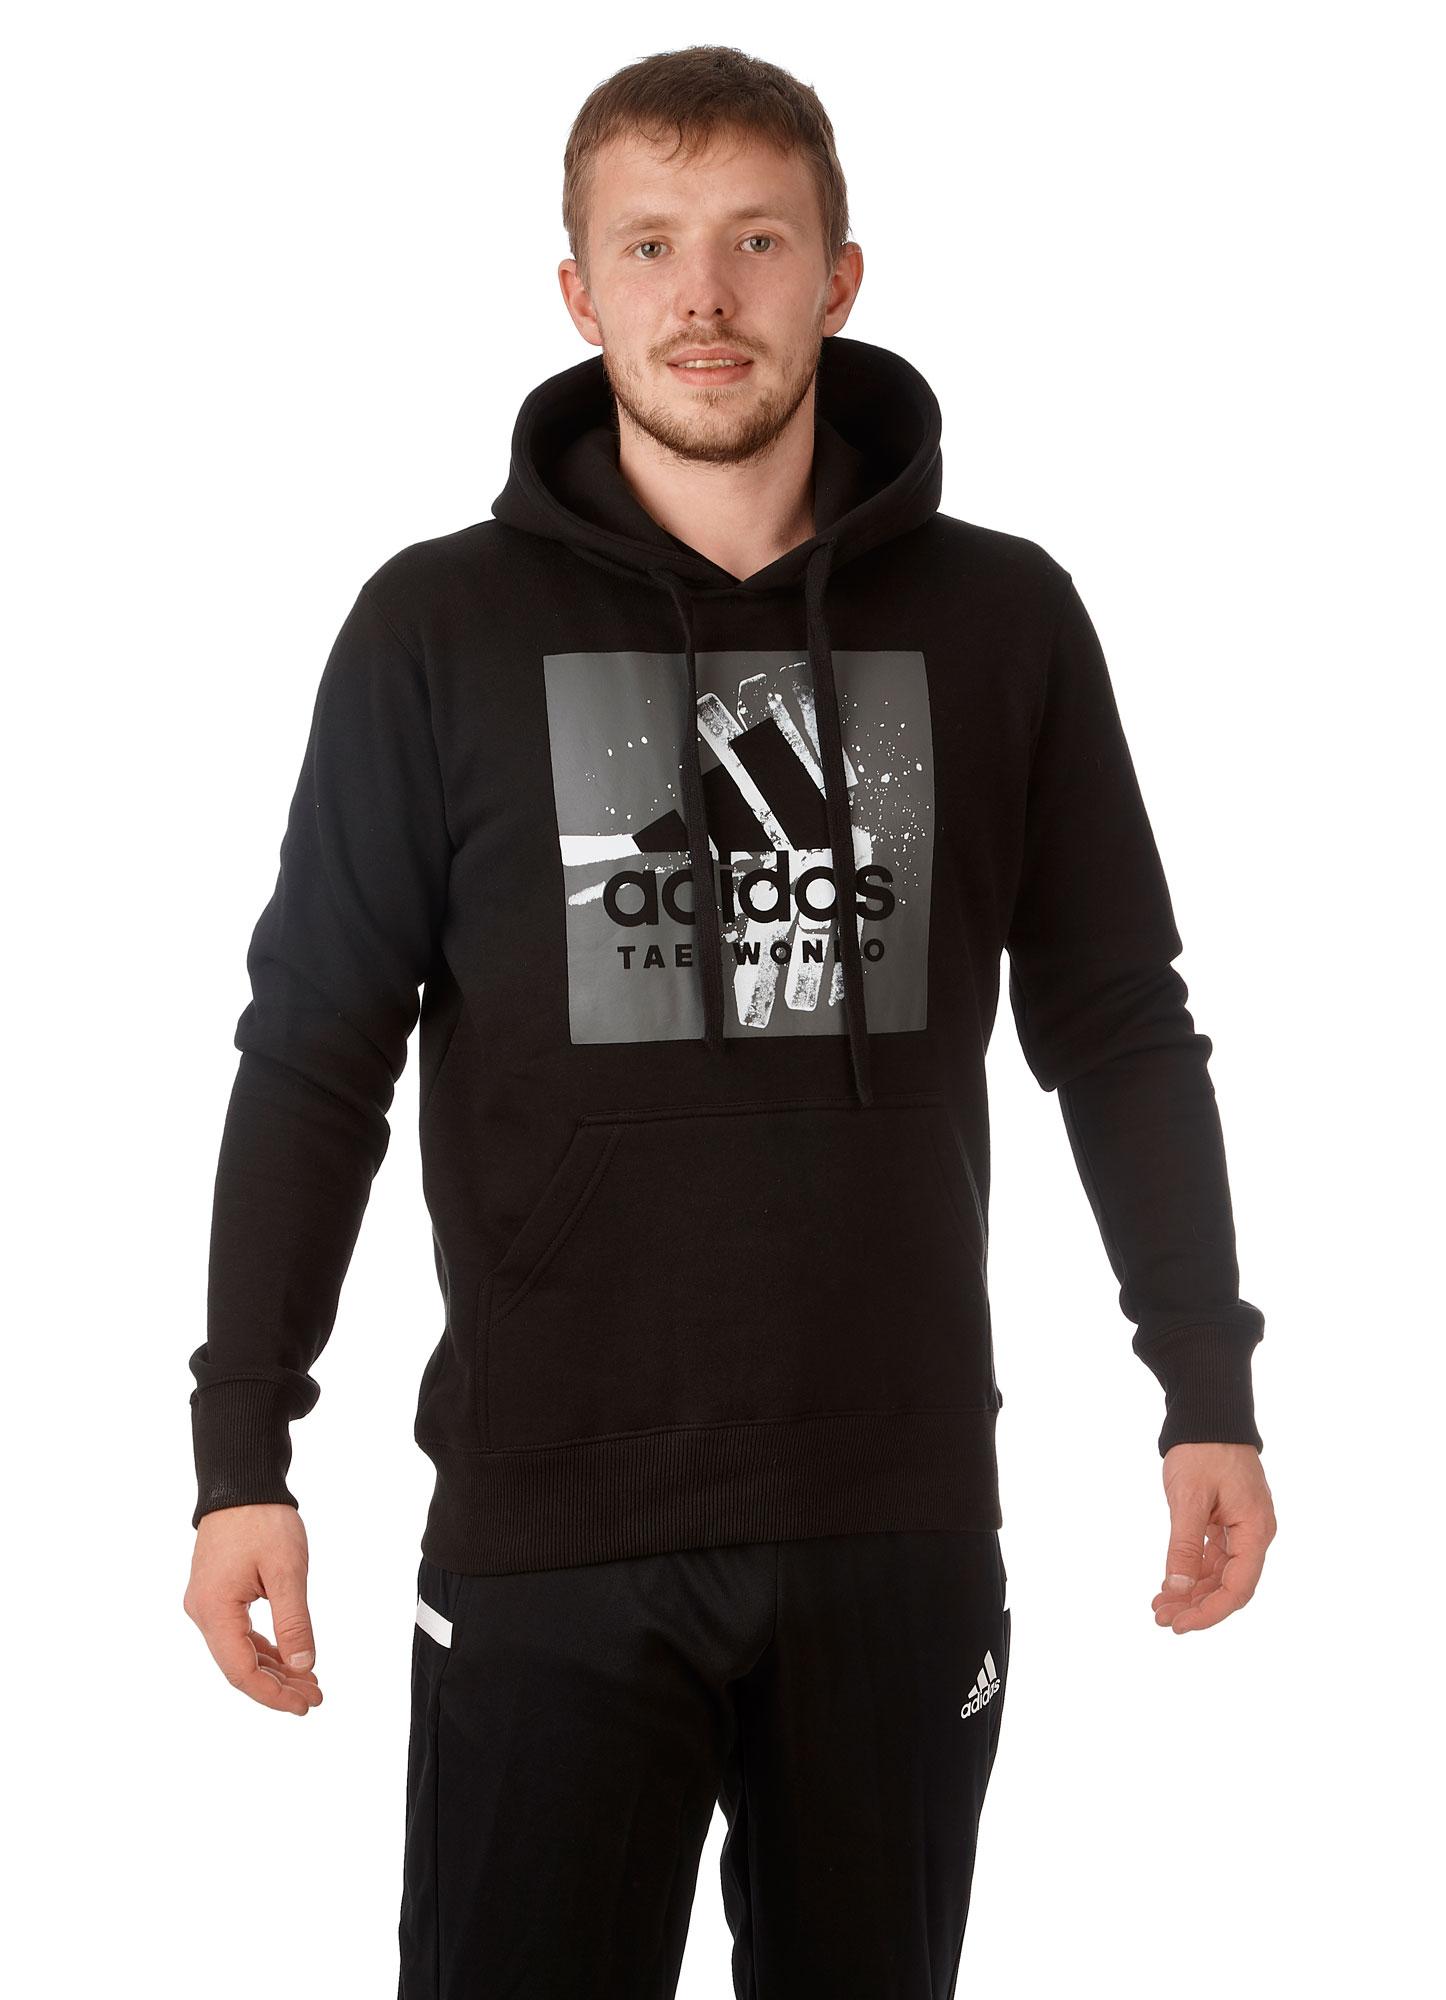 outlet on sale cheap sale superior quality Stylische Hoodies mit Aufdruck für Karate, BJJ und Co. | Ju ...